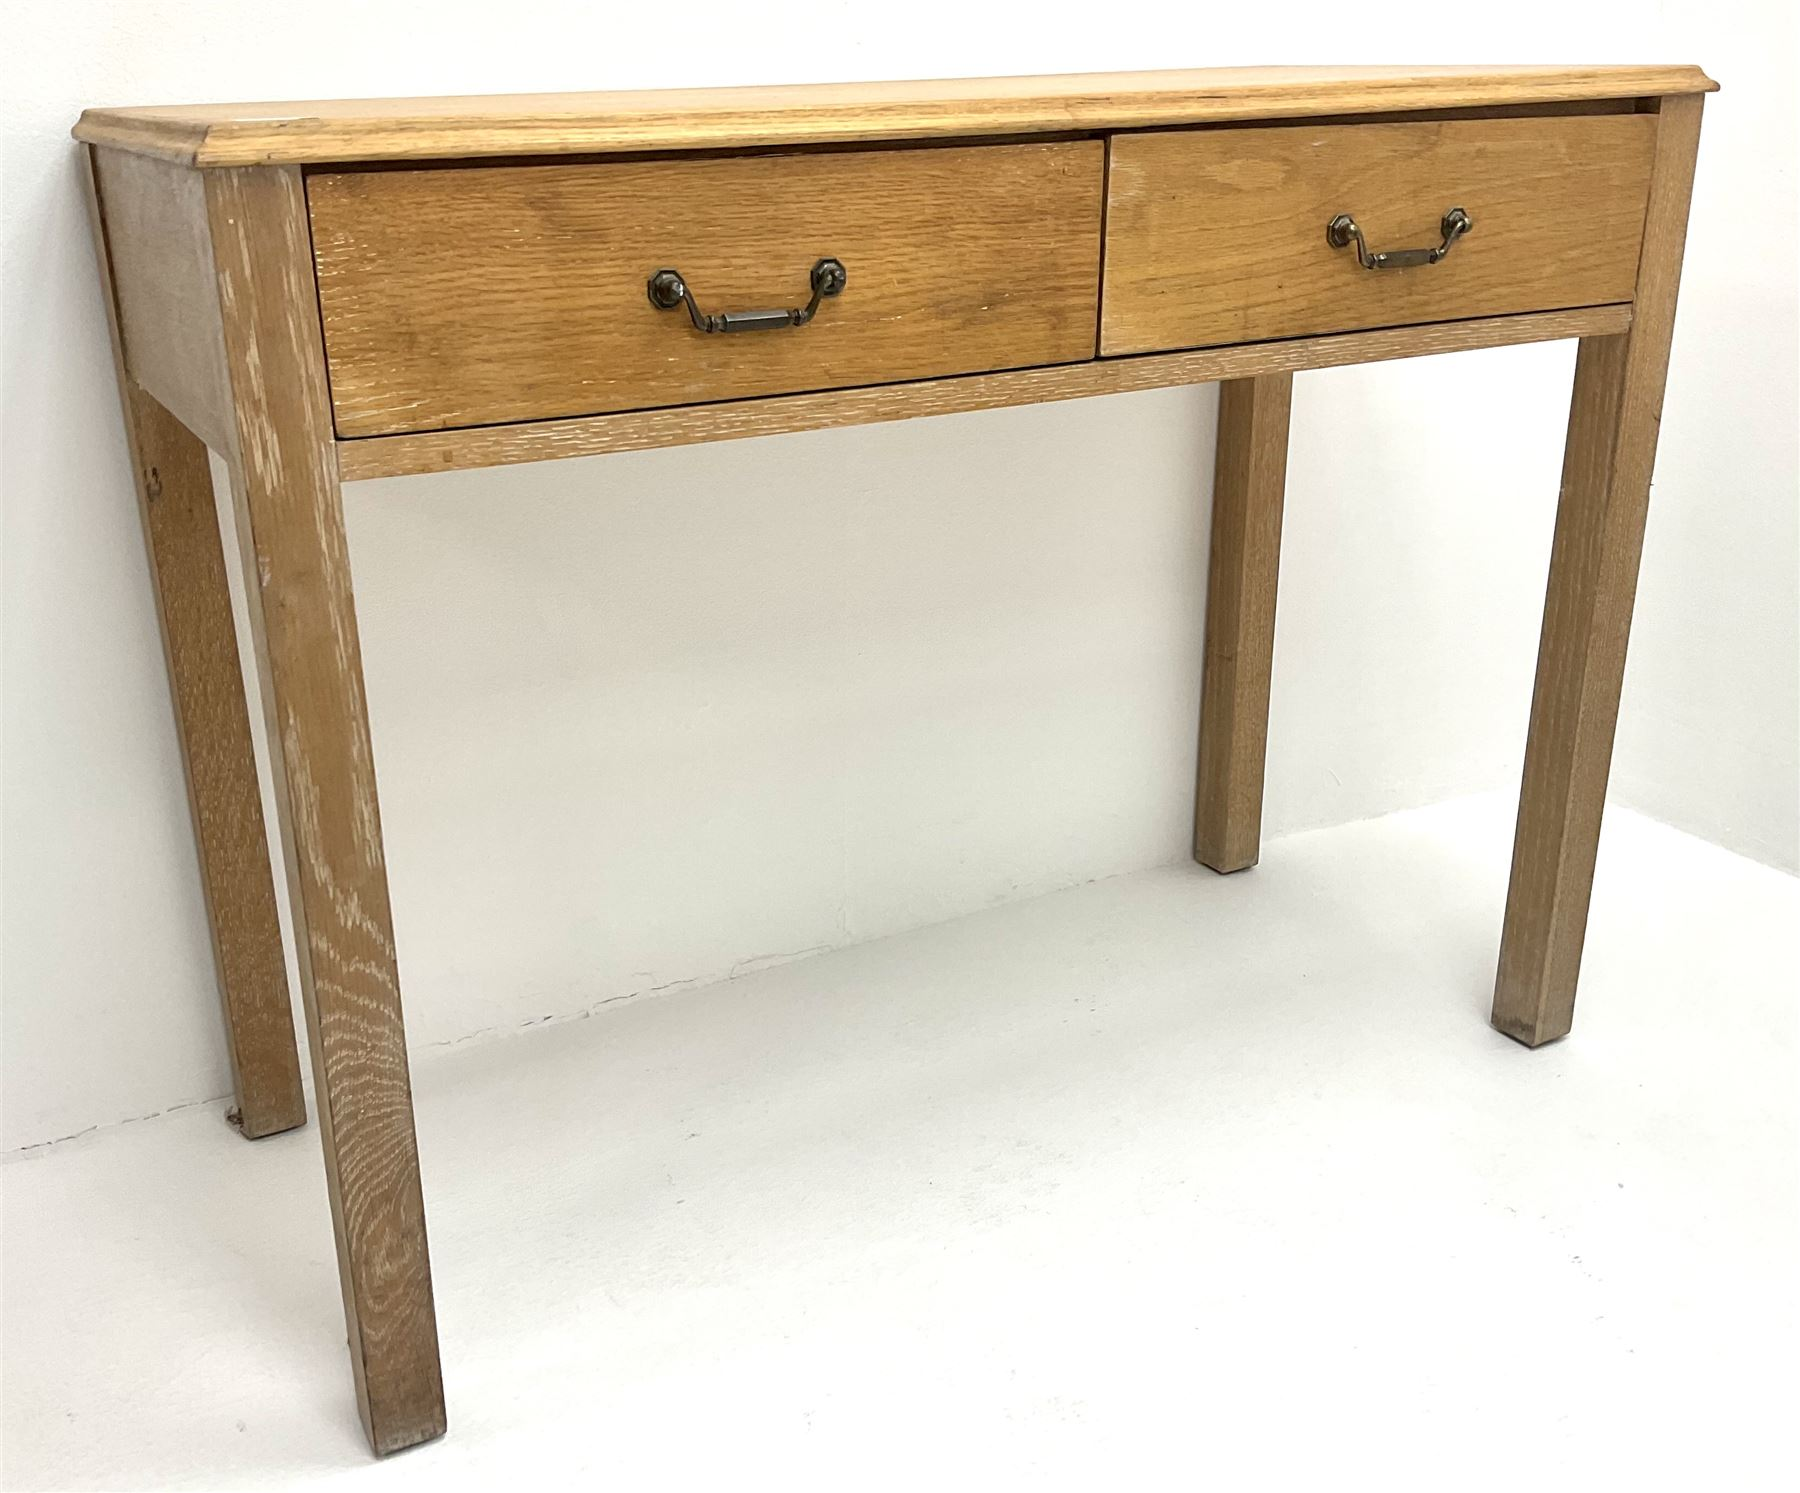 Light oak side table